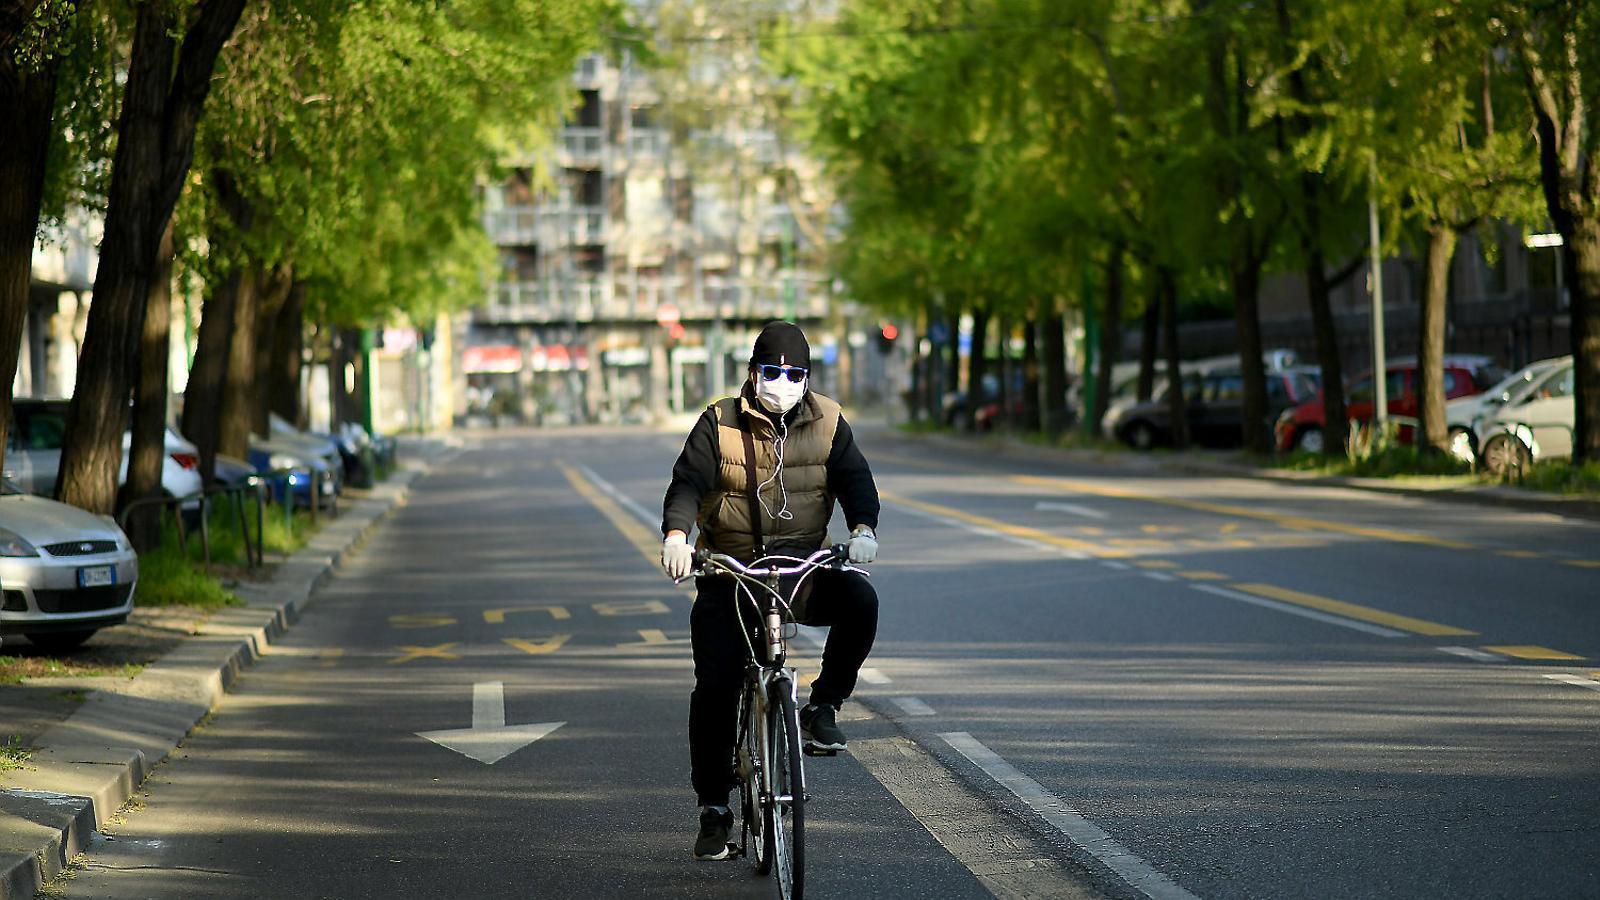 Un home en bici pels carrers de Milà sense cotxes ni contaminació.